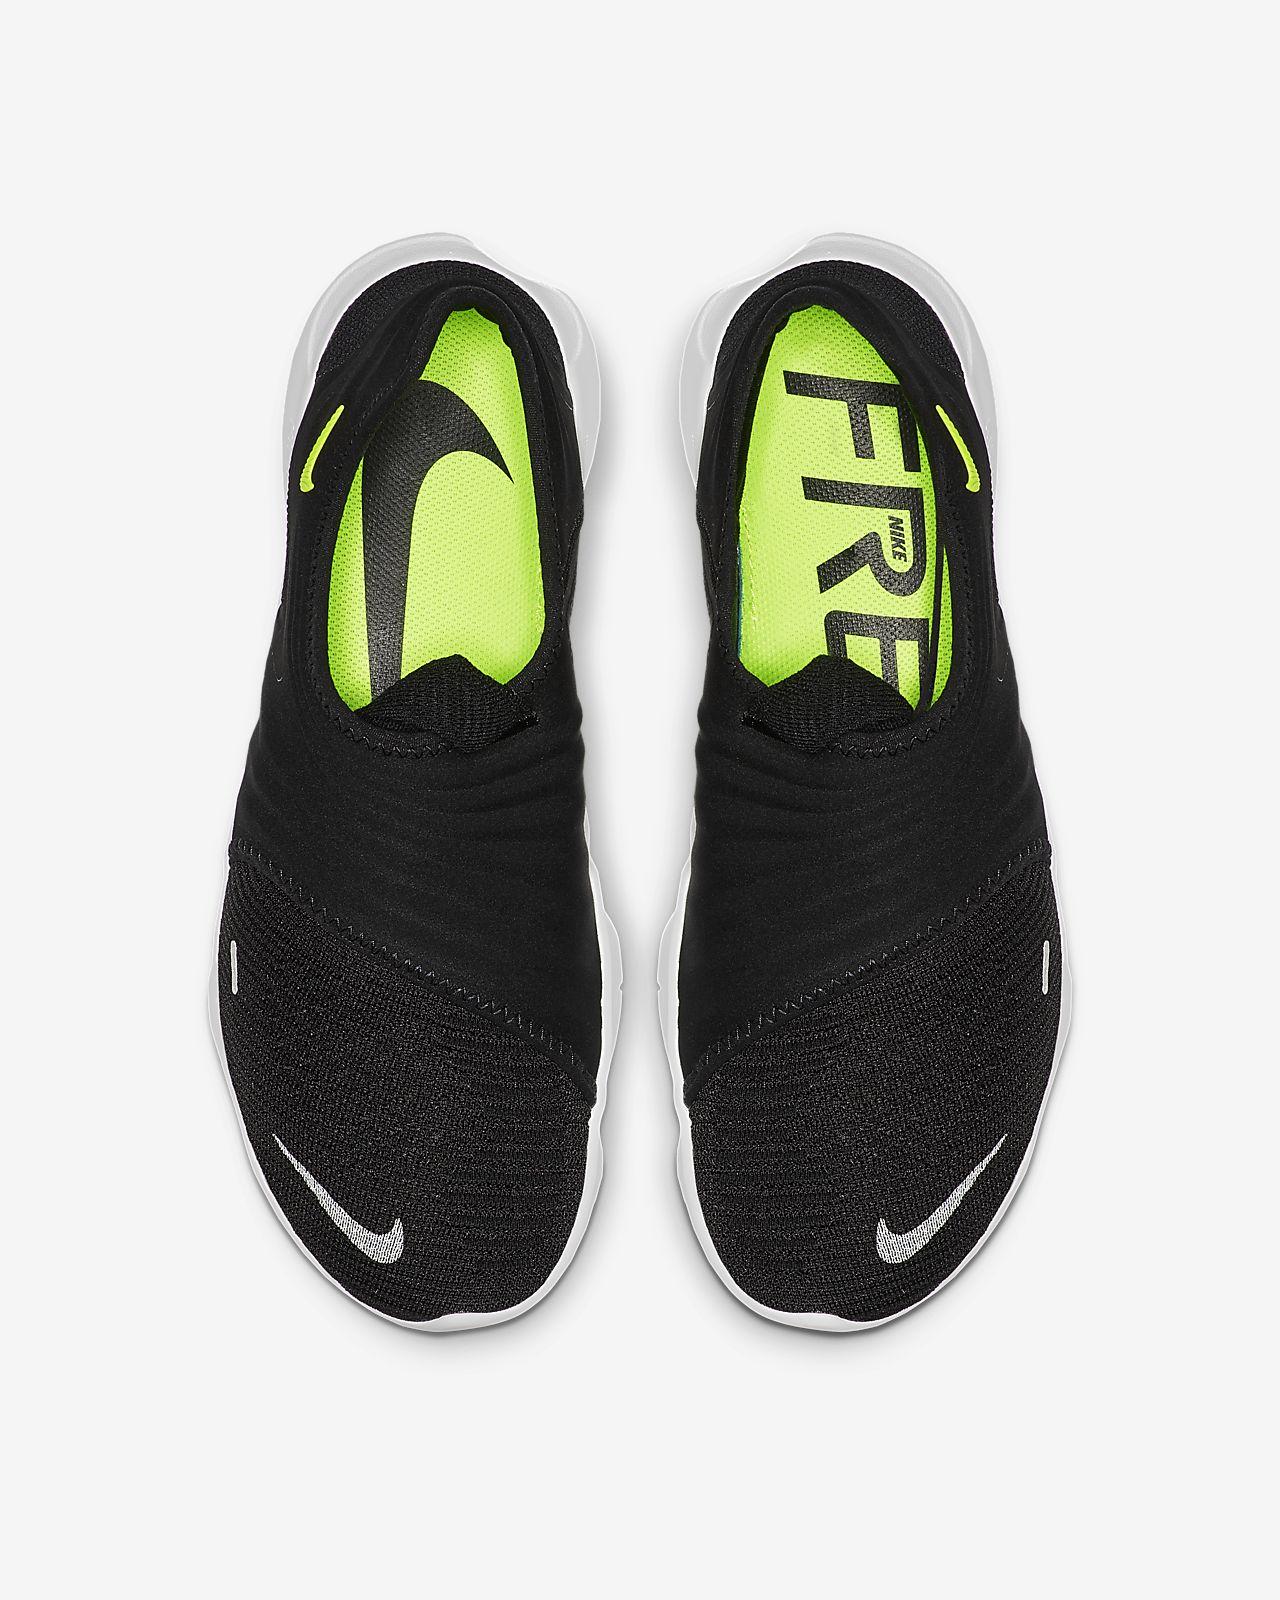 official photos 98d3b 62e33 ... Nike Free RN Flyknit 3.0 Men s Running Shoe